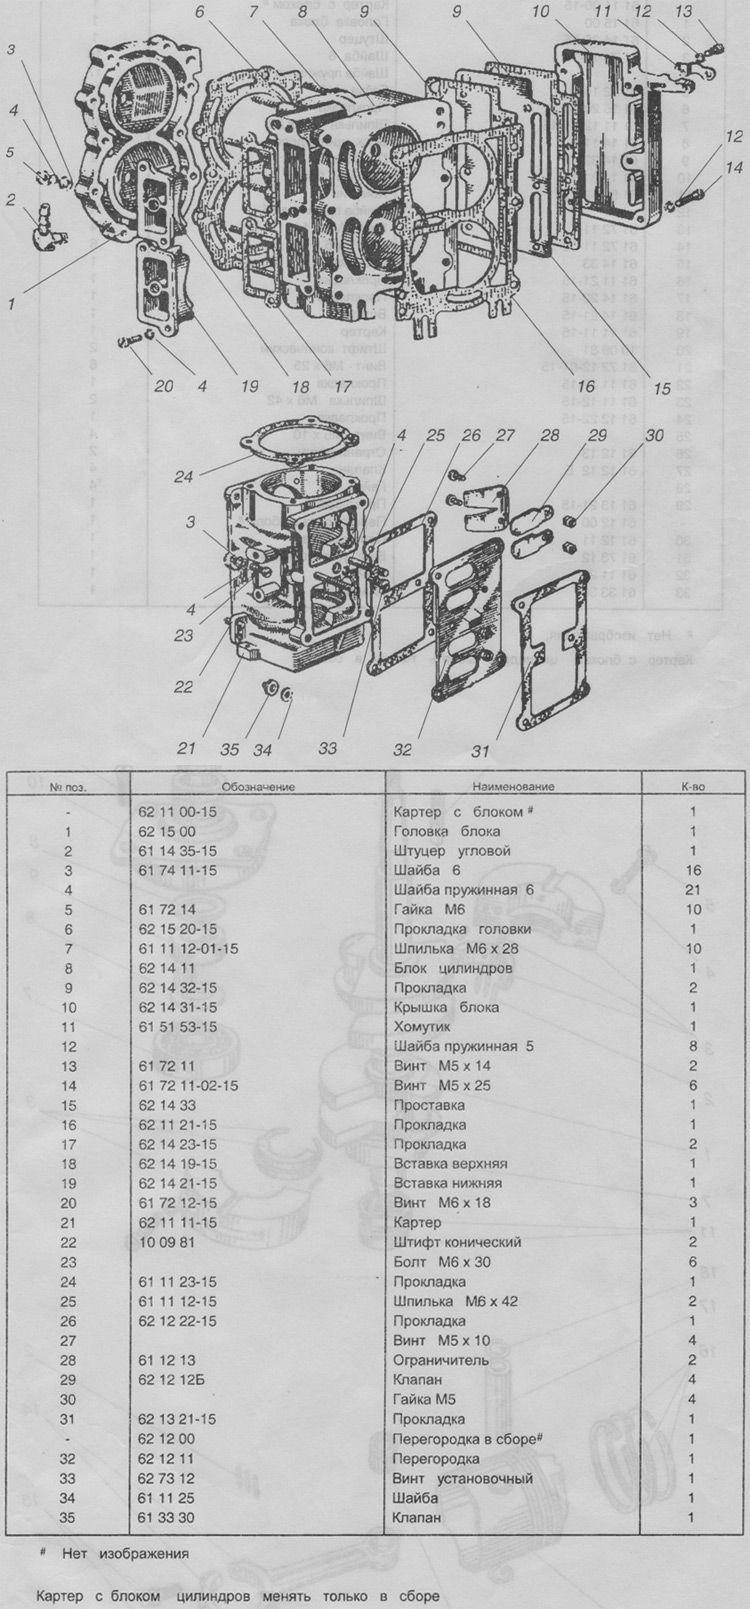 каталог запчастей к лодочному мотору ветерок